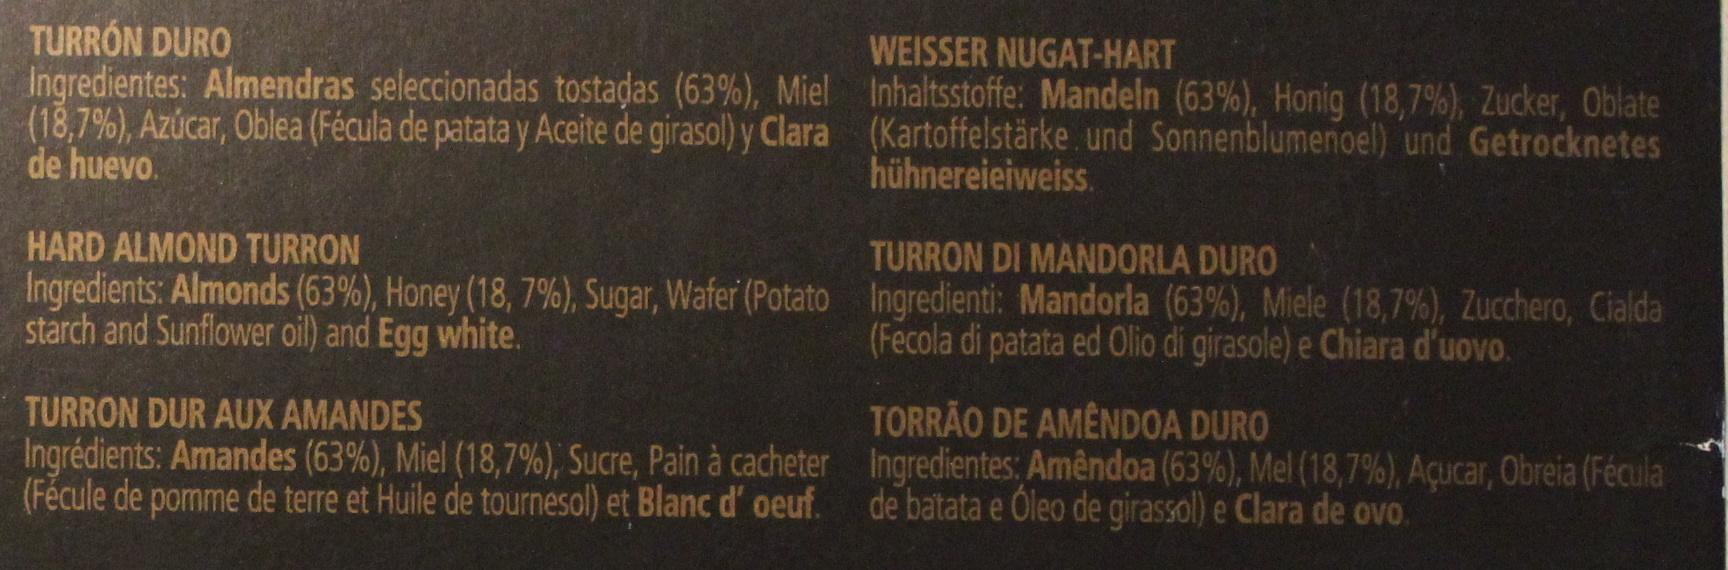 Turrón duro - Ingredientes